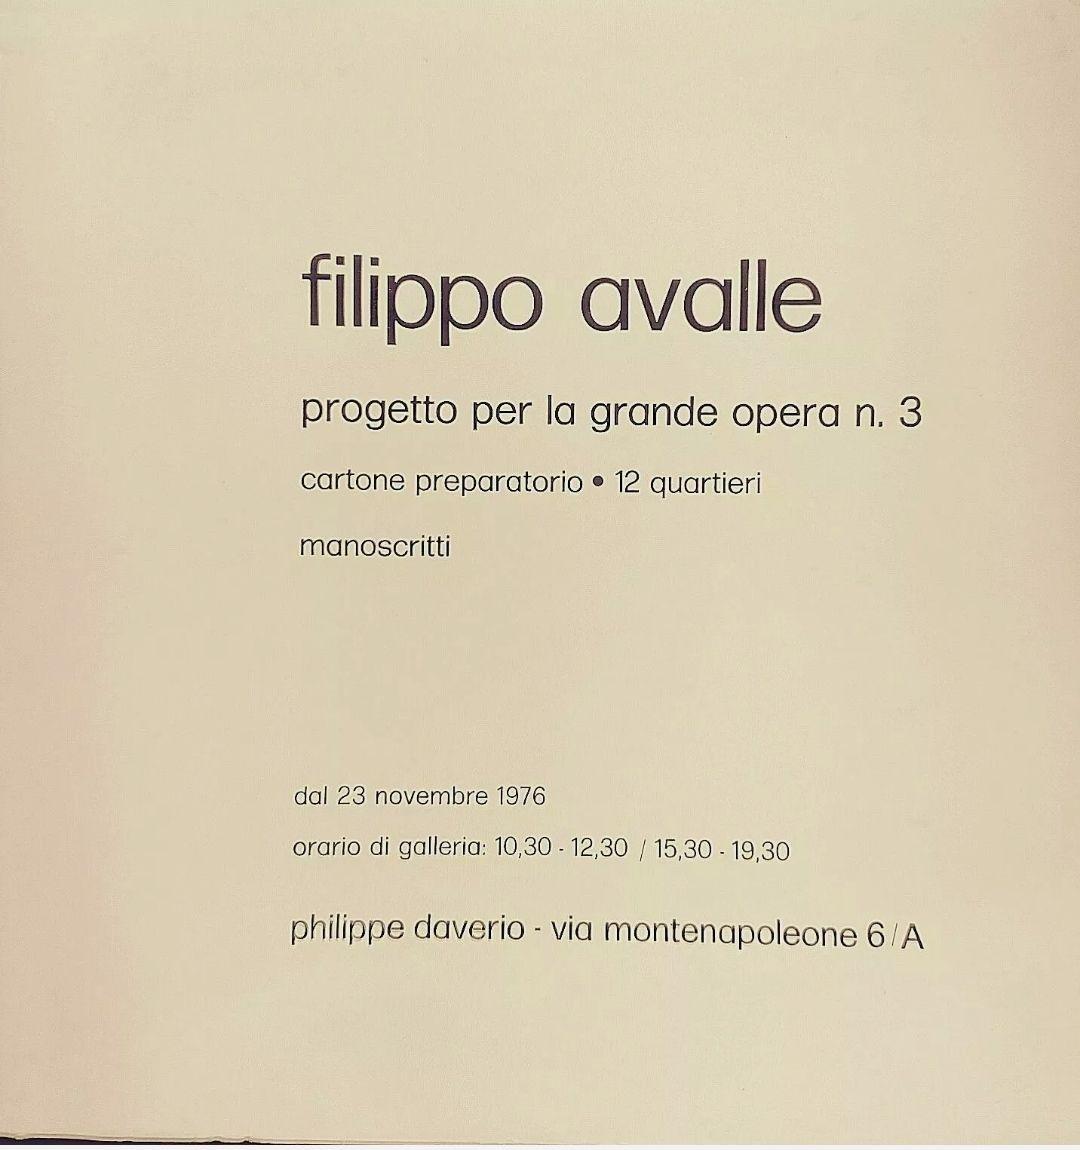 Filippo Avalle catalogo galleria Philippe Daverio 1976 – una delle prime pubblicazioni della galleria